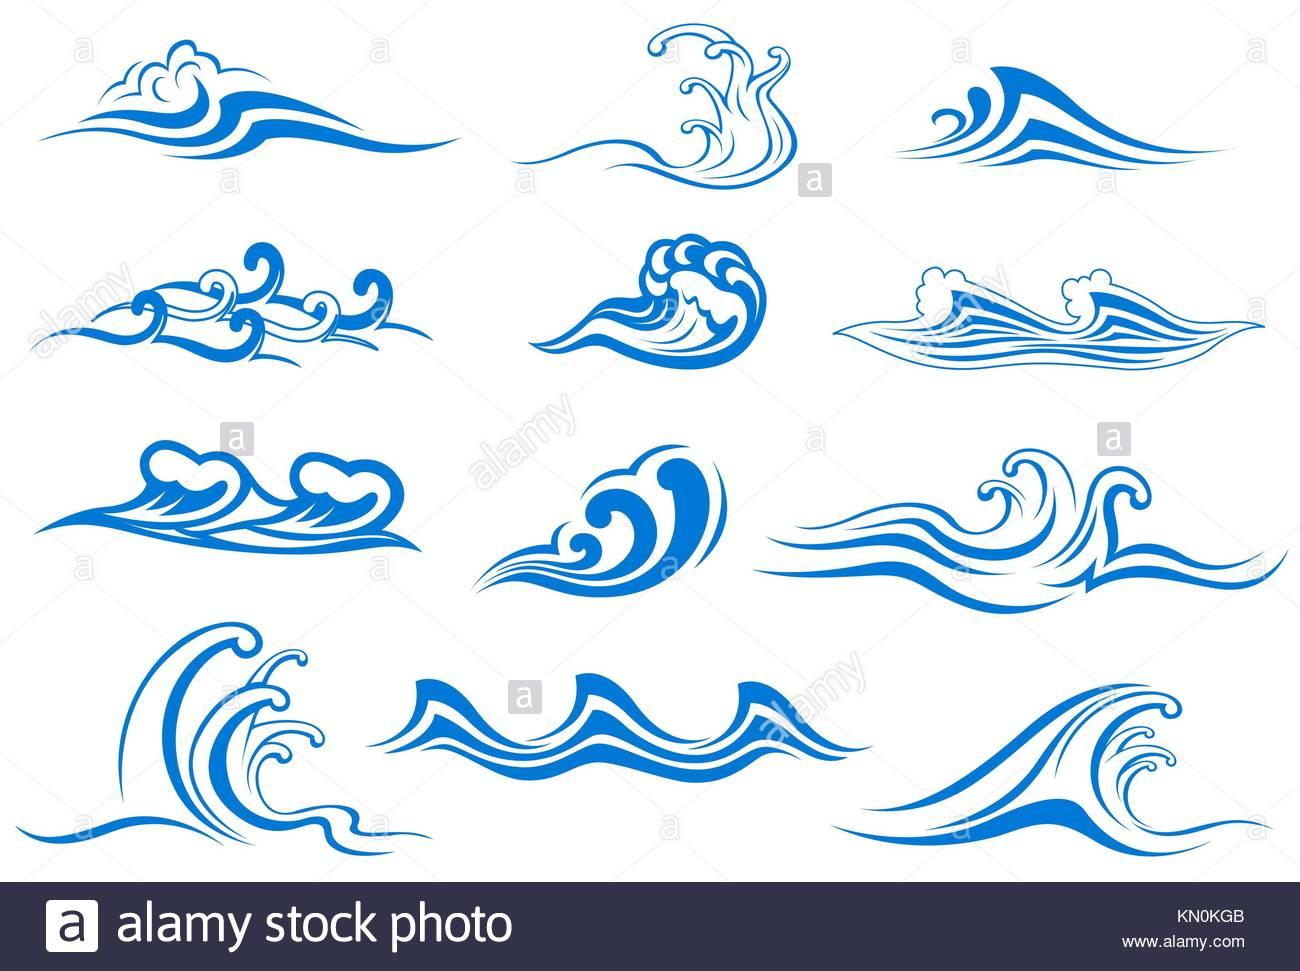 Conjunto de s mbolos de ola para dise o aislado en blanco for Vater japones